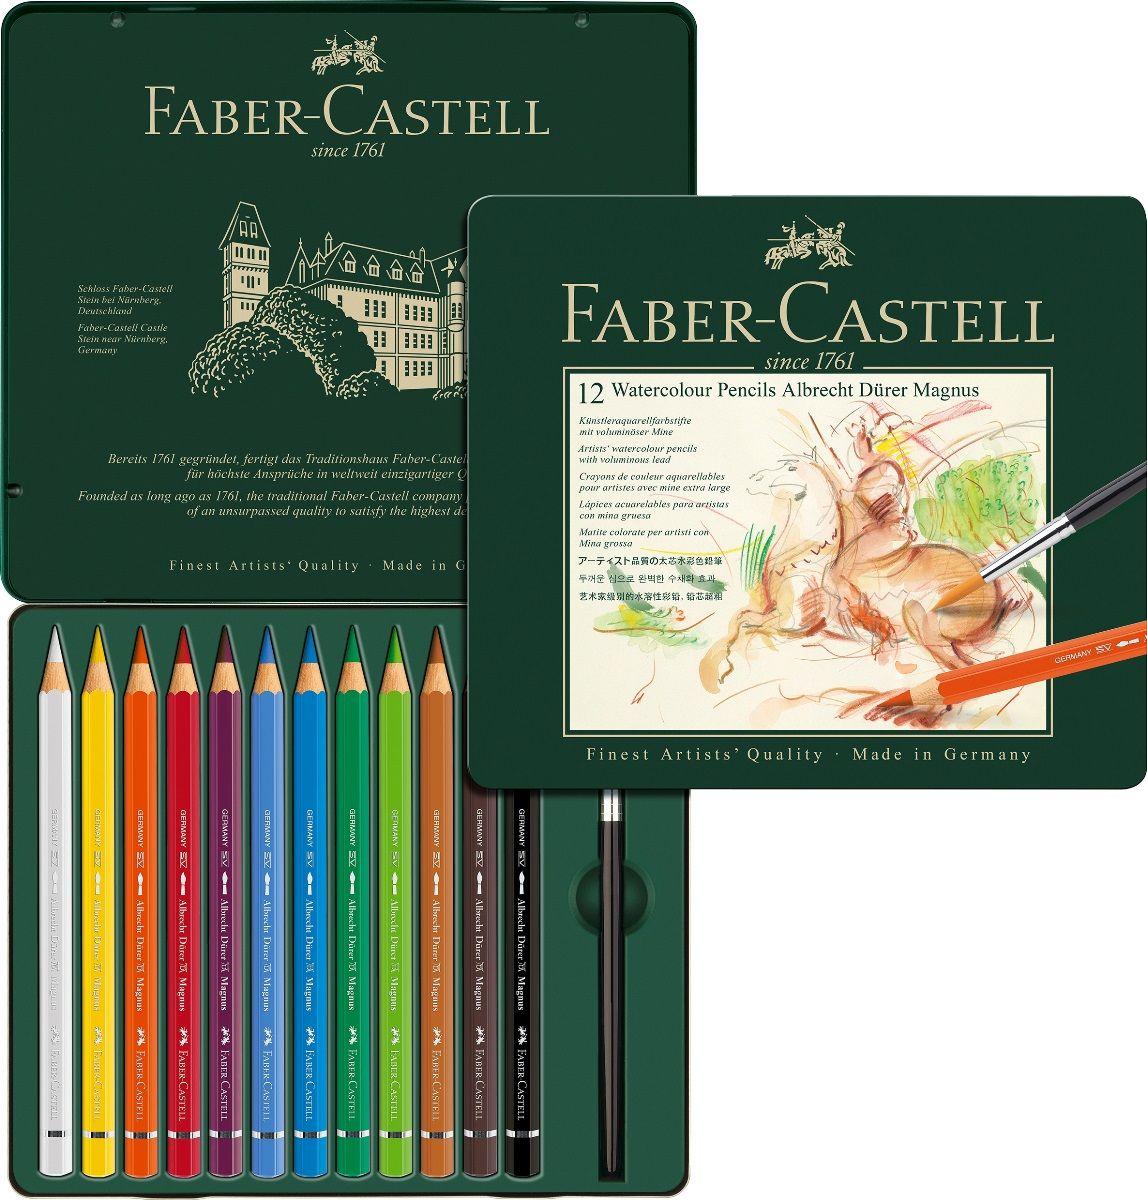 Faber-Castell Набор цветных акварельных карандашей Albrecht Durer 12 цветов116912Набор Faber-Castell Albrecht Durer - акварельные карандаши наивысшего качества эргономичной формы. В наборе 12 ярких, насыщенных цветов. Толстый грифель толщиной 3,8 мм (5,3 мм для версии Magnus). Высококачественные пигменты гарантируют устойчивость к выцветанию, выразительный цвет.